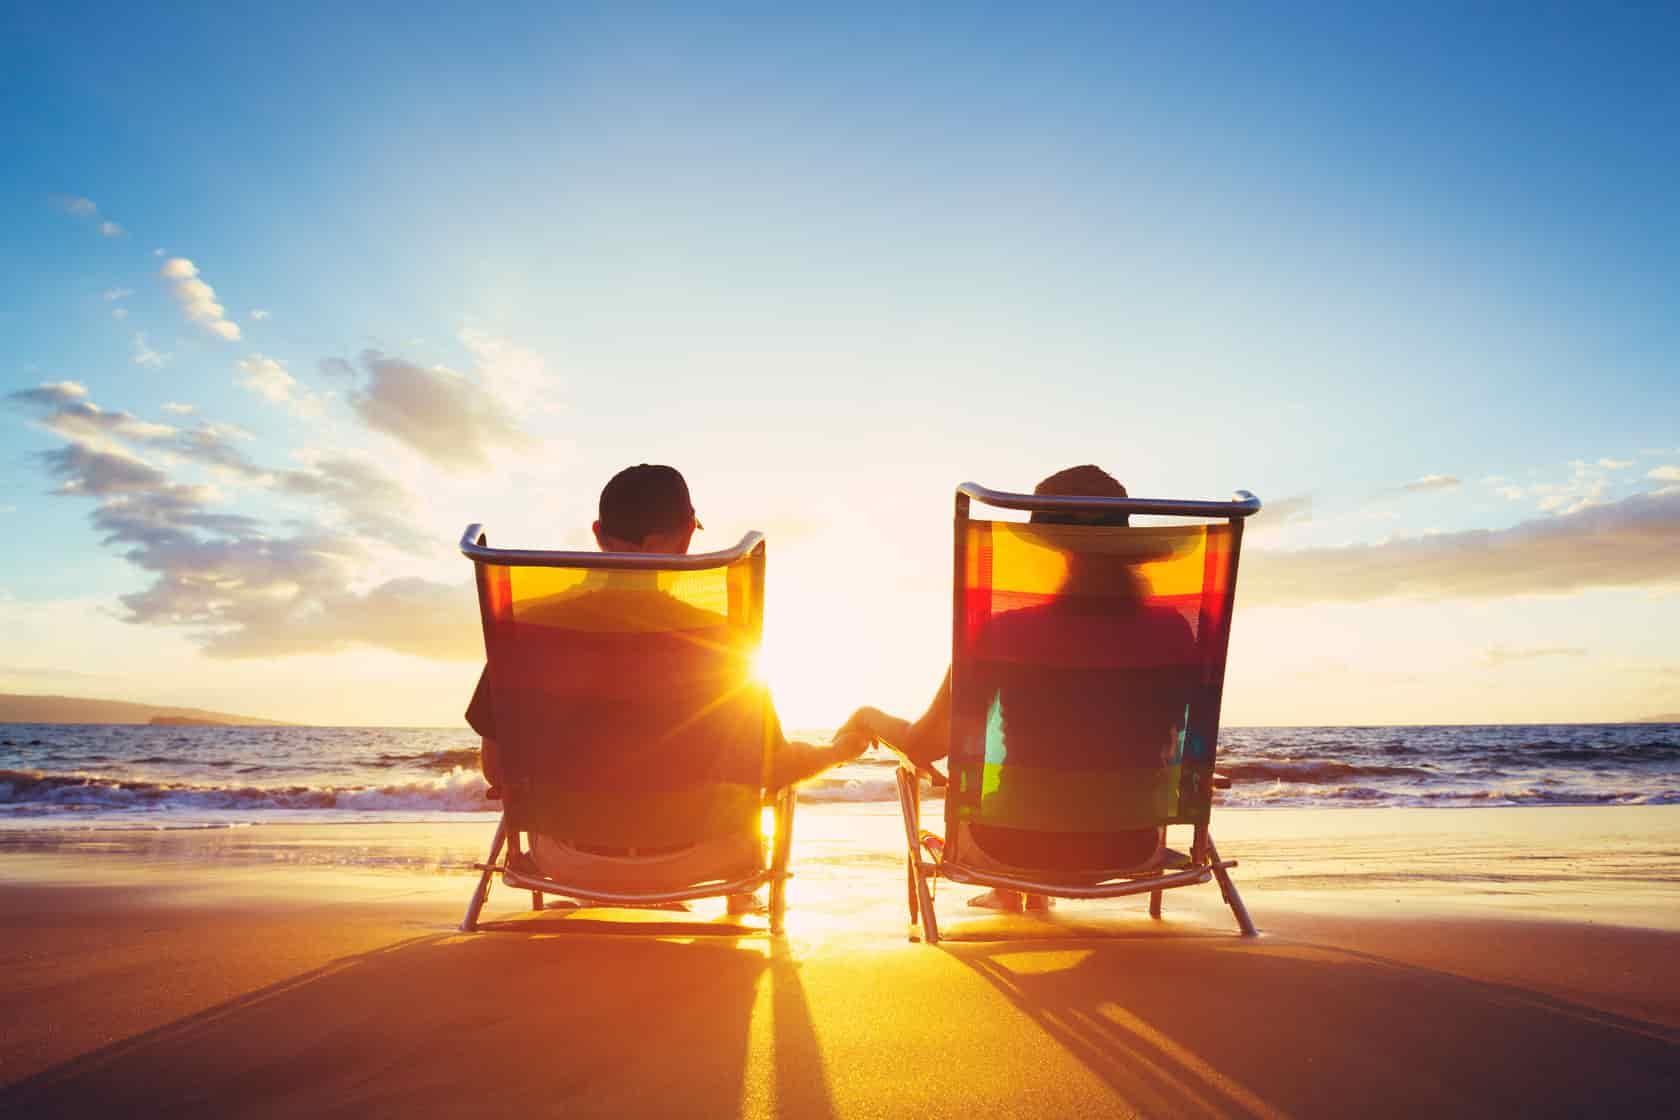 duas pessoas sentadas nas cadeiras de praia durante pôr de sol